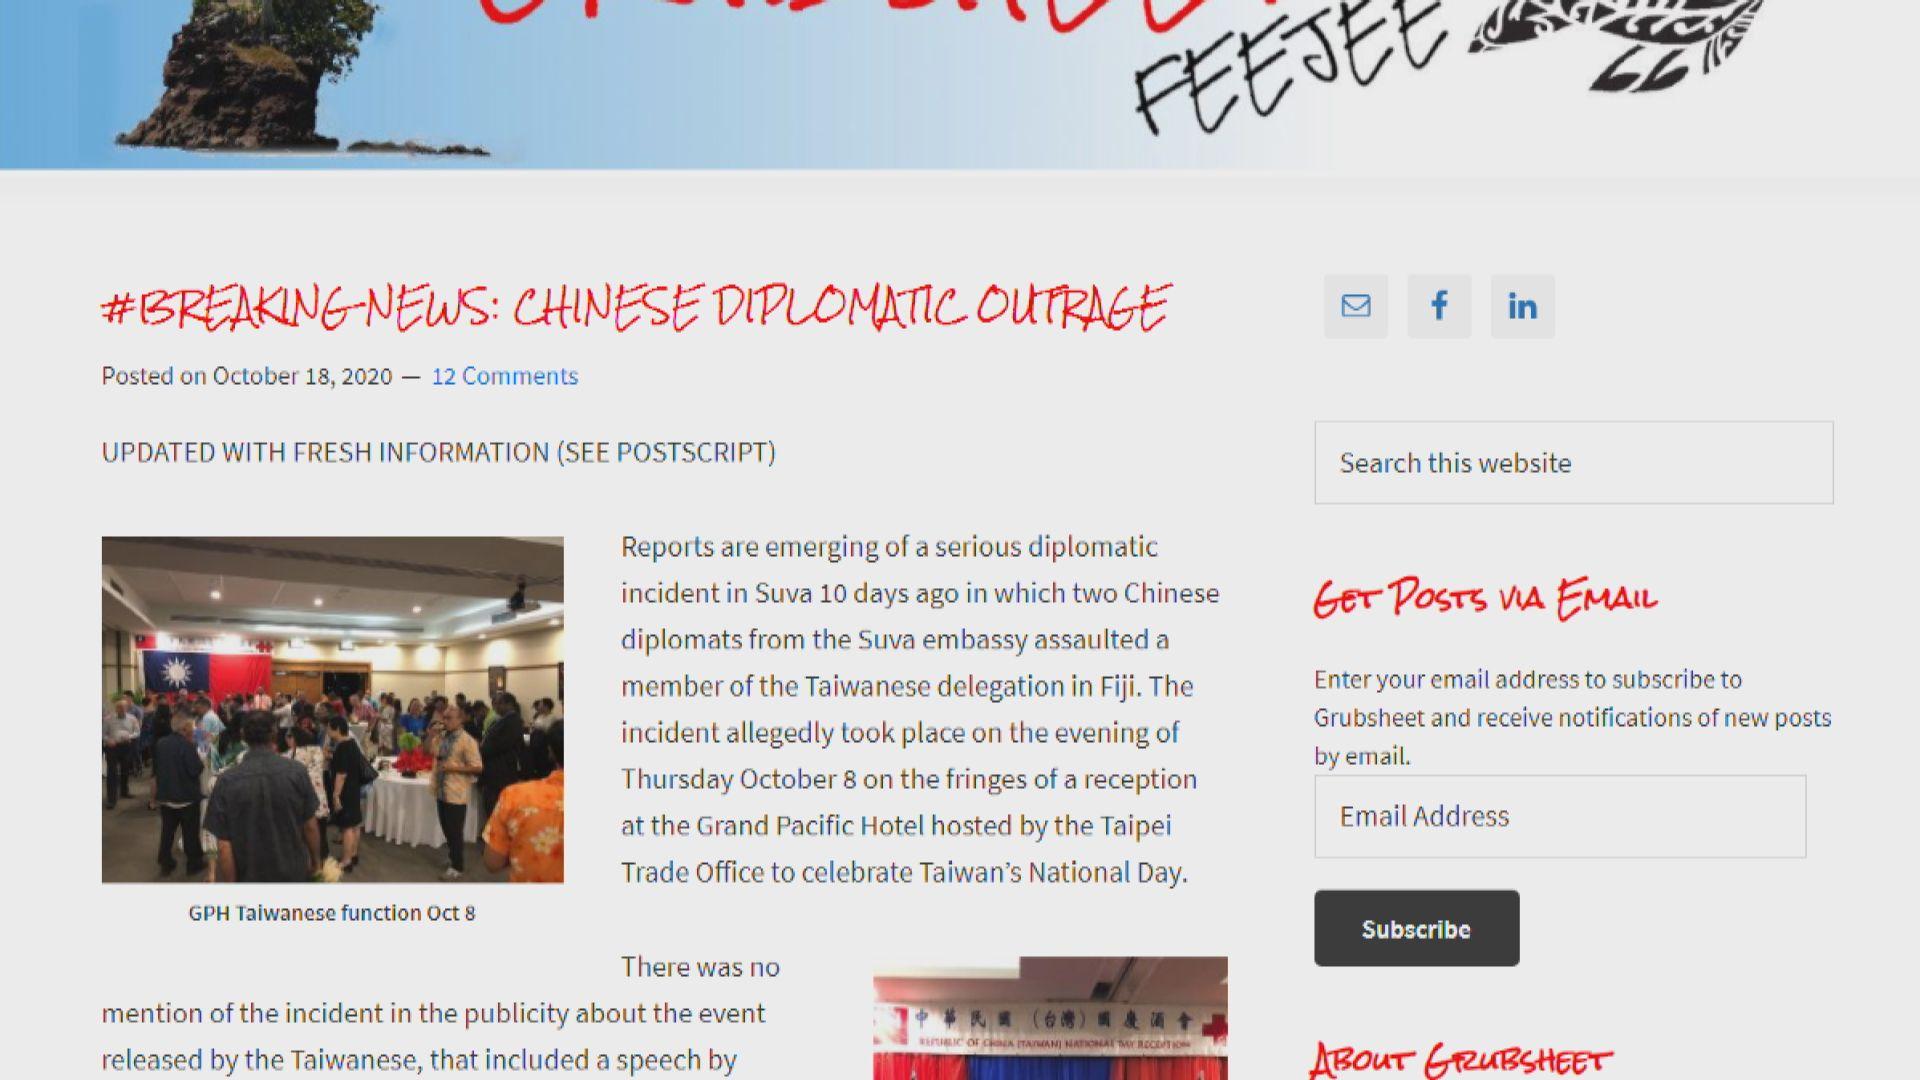 大陸台灣駐斐濟人員據報發生肢體衝突 中國駐斐使館指台方人員挑釁在先